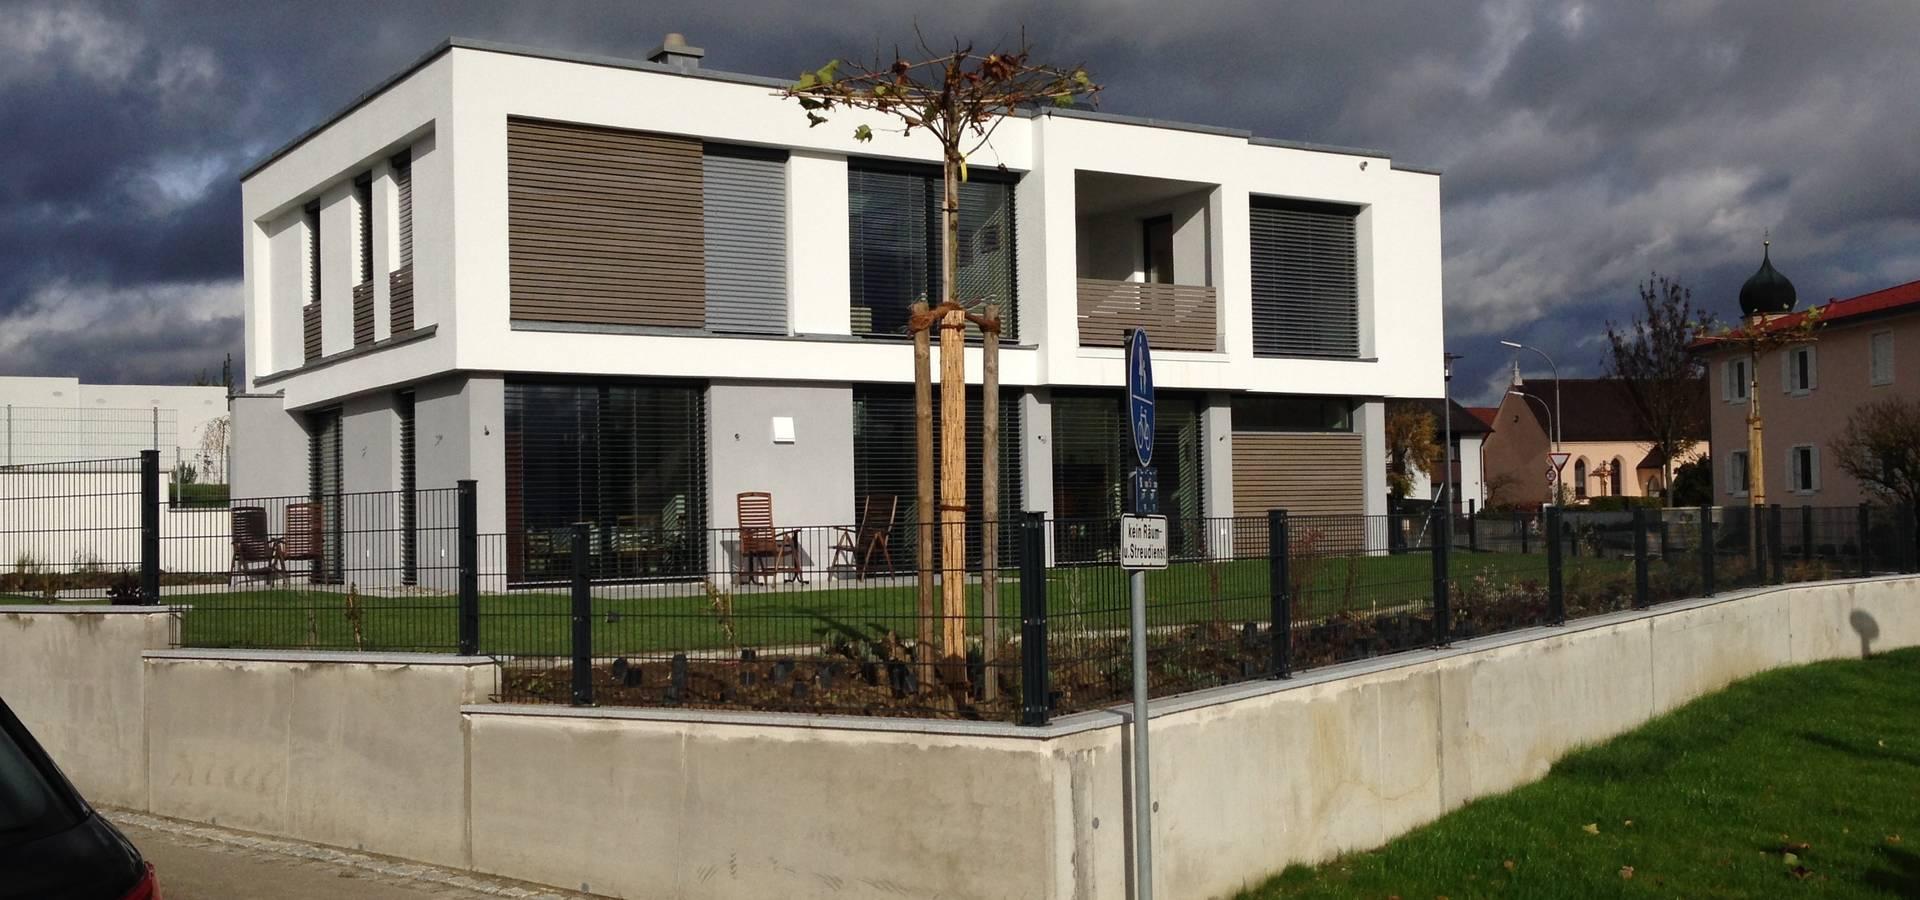 bachschuster architektur gmbh architekten in ingolstadt. Black Bedroom Furniture Sets. Home Design Ideas